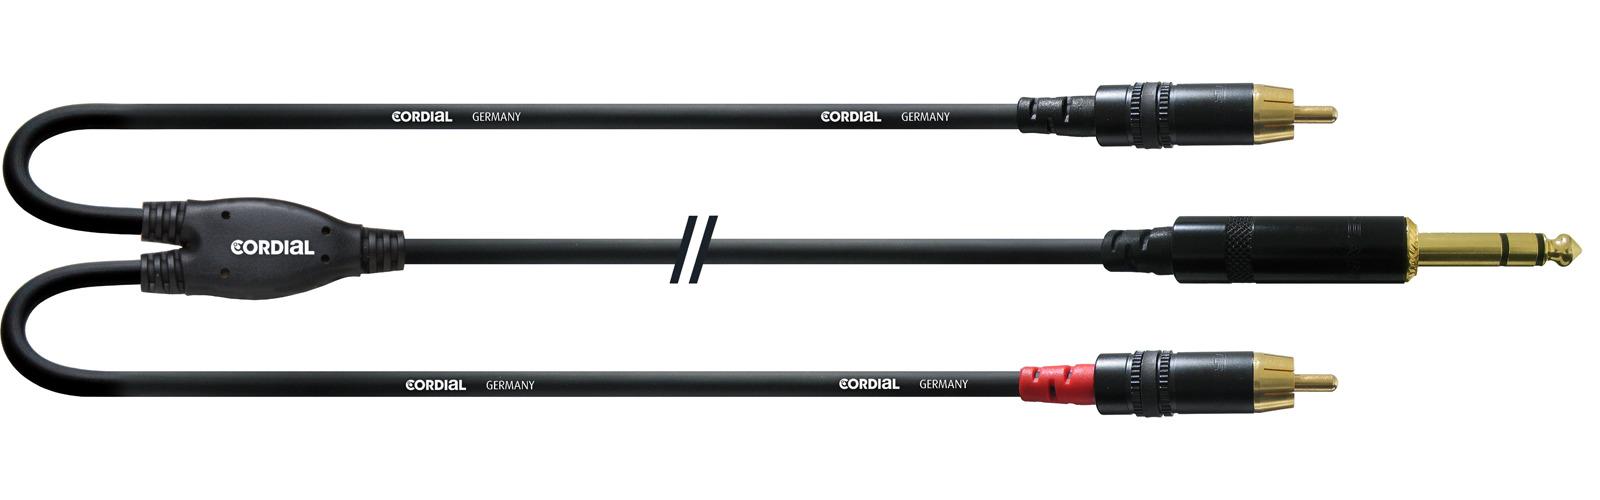 Cordial CFY 6 VCC Y-Adapterkabel Klinke Cinch 6 m